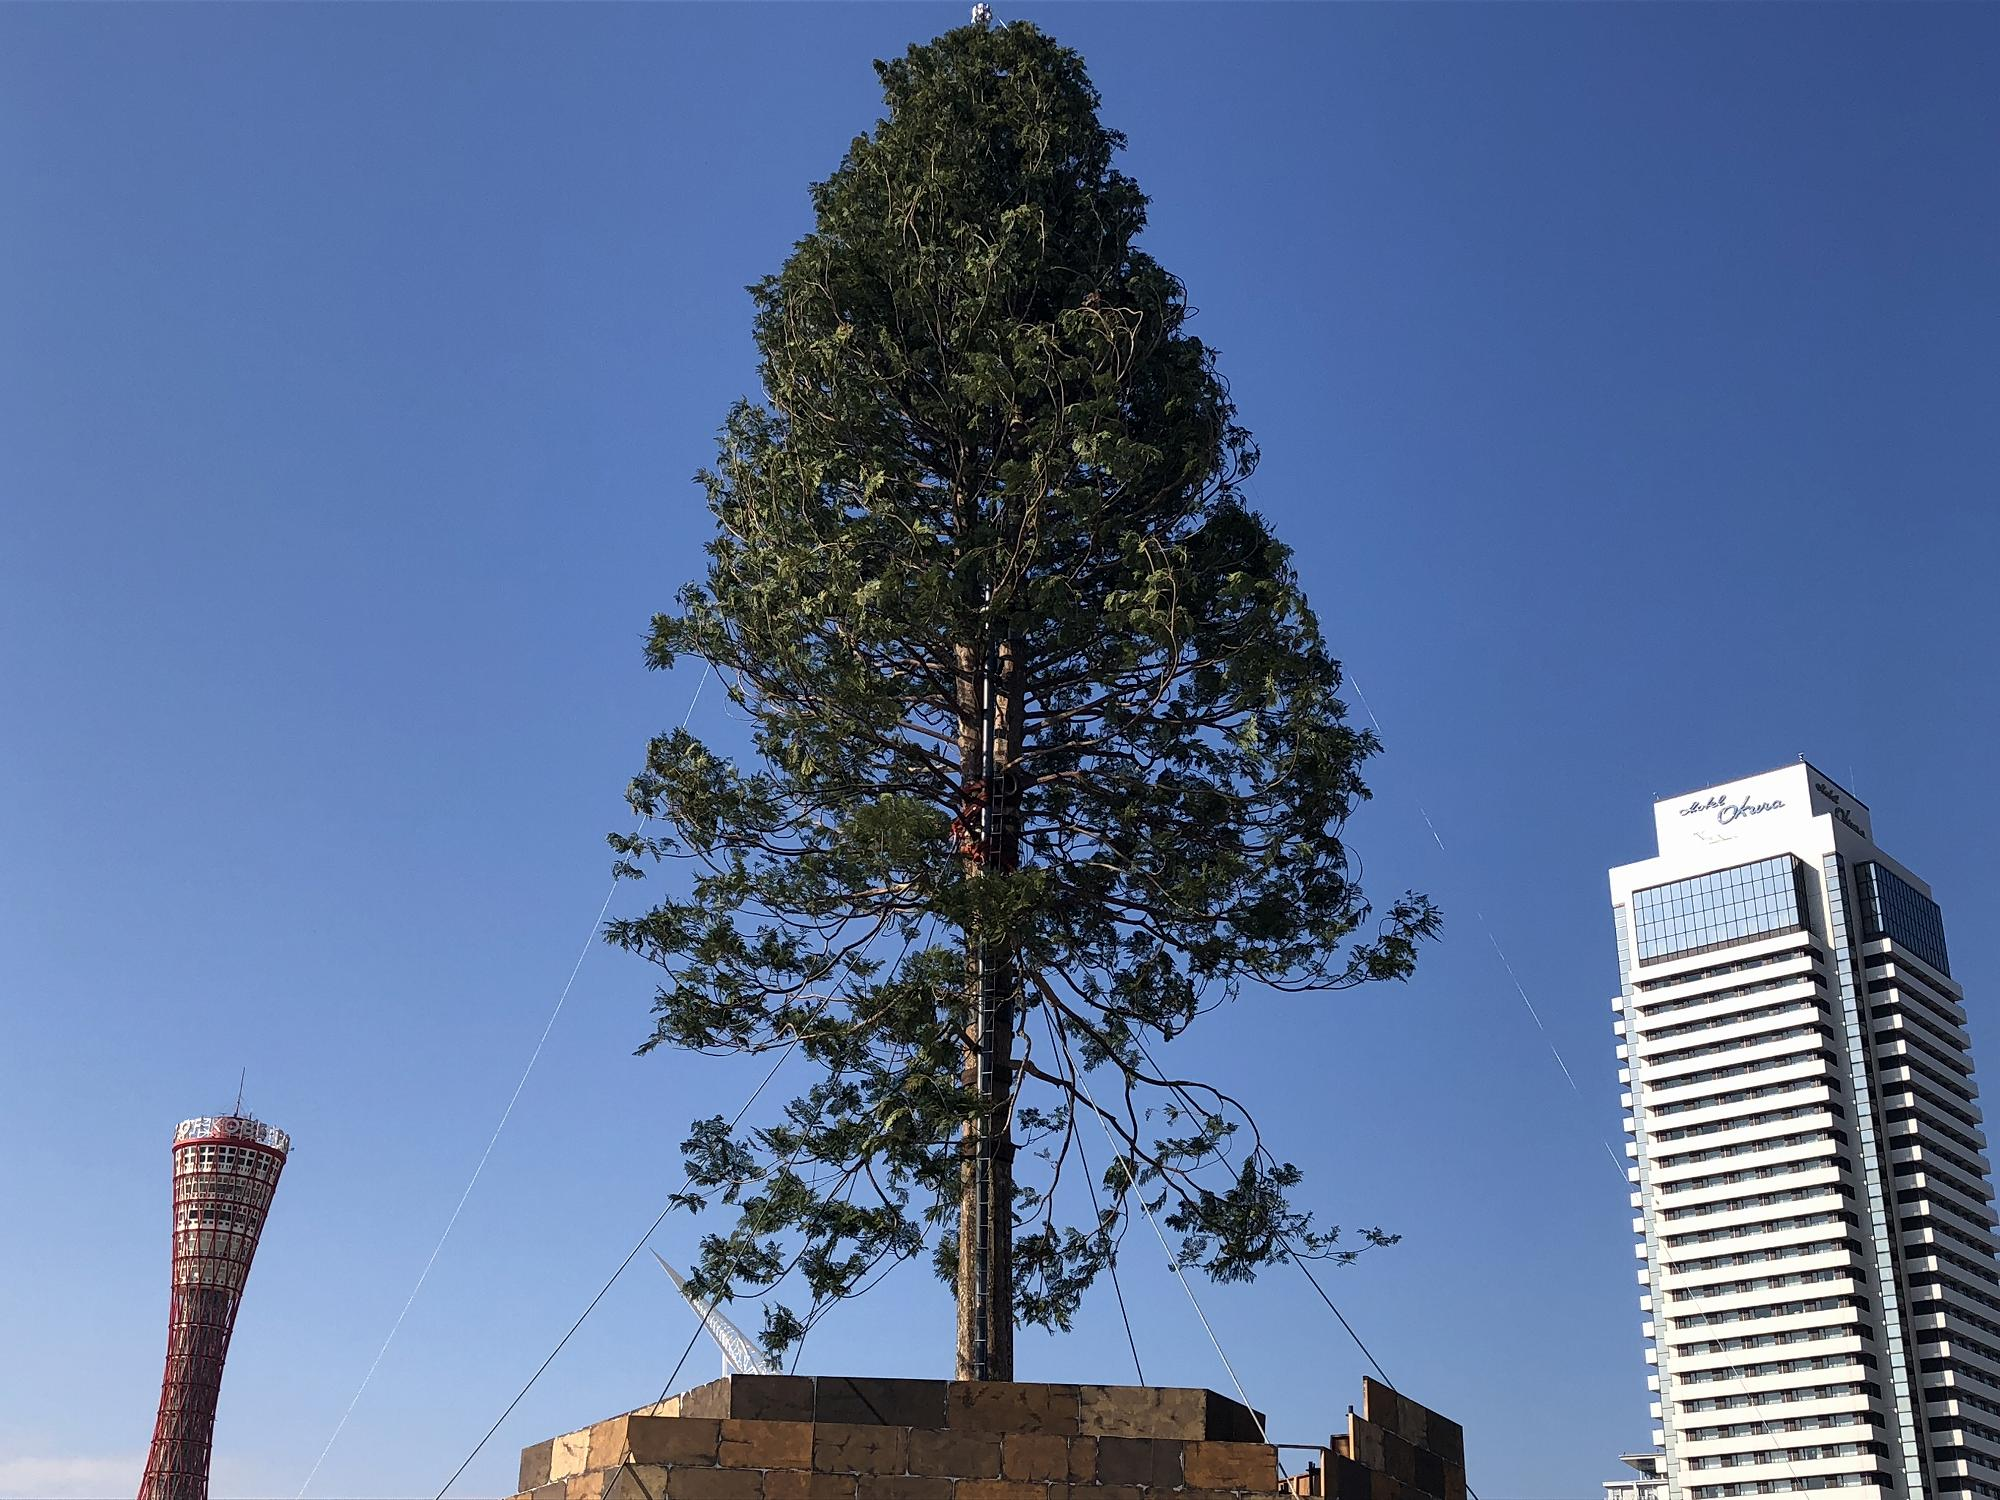 神戸メリケンパークで12/2~12/26「世界一のクリスマスツリー」が輝くイベントが開催されるよ!【※写真あり】 #メリケンパーク #世界一のクリスマスツリー